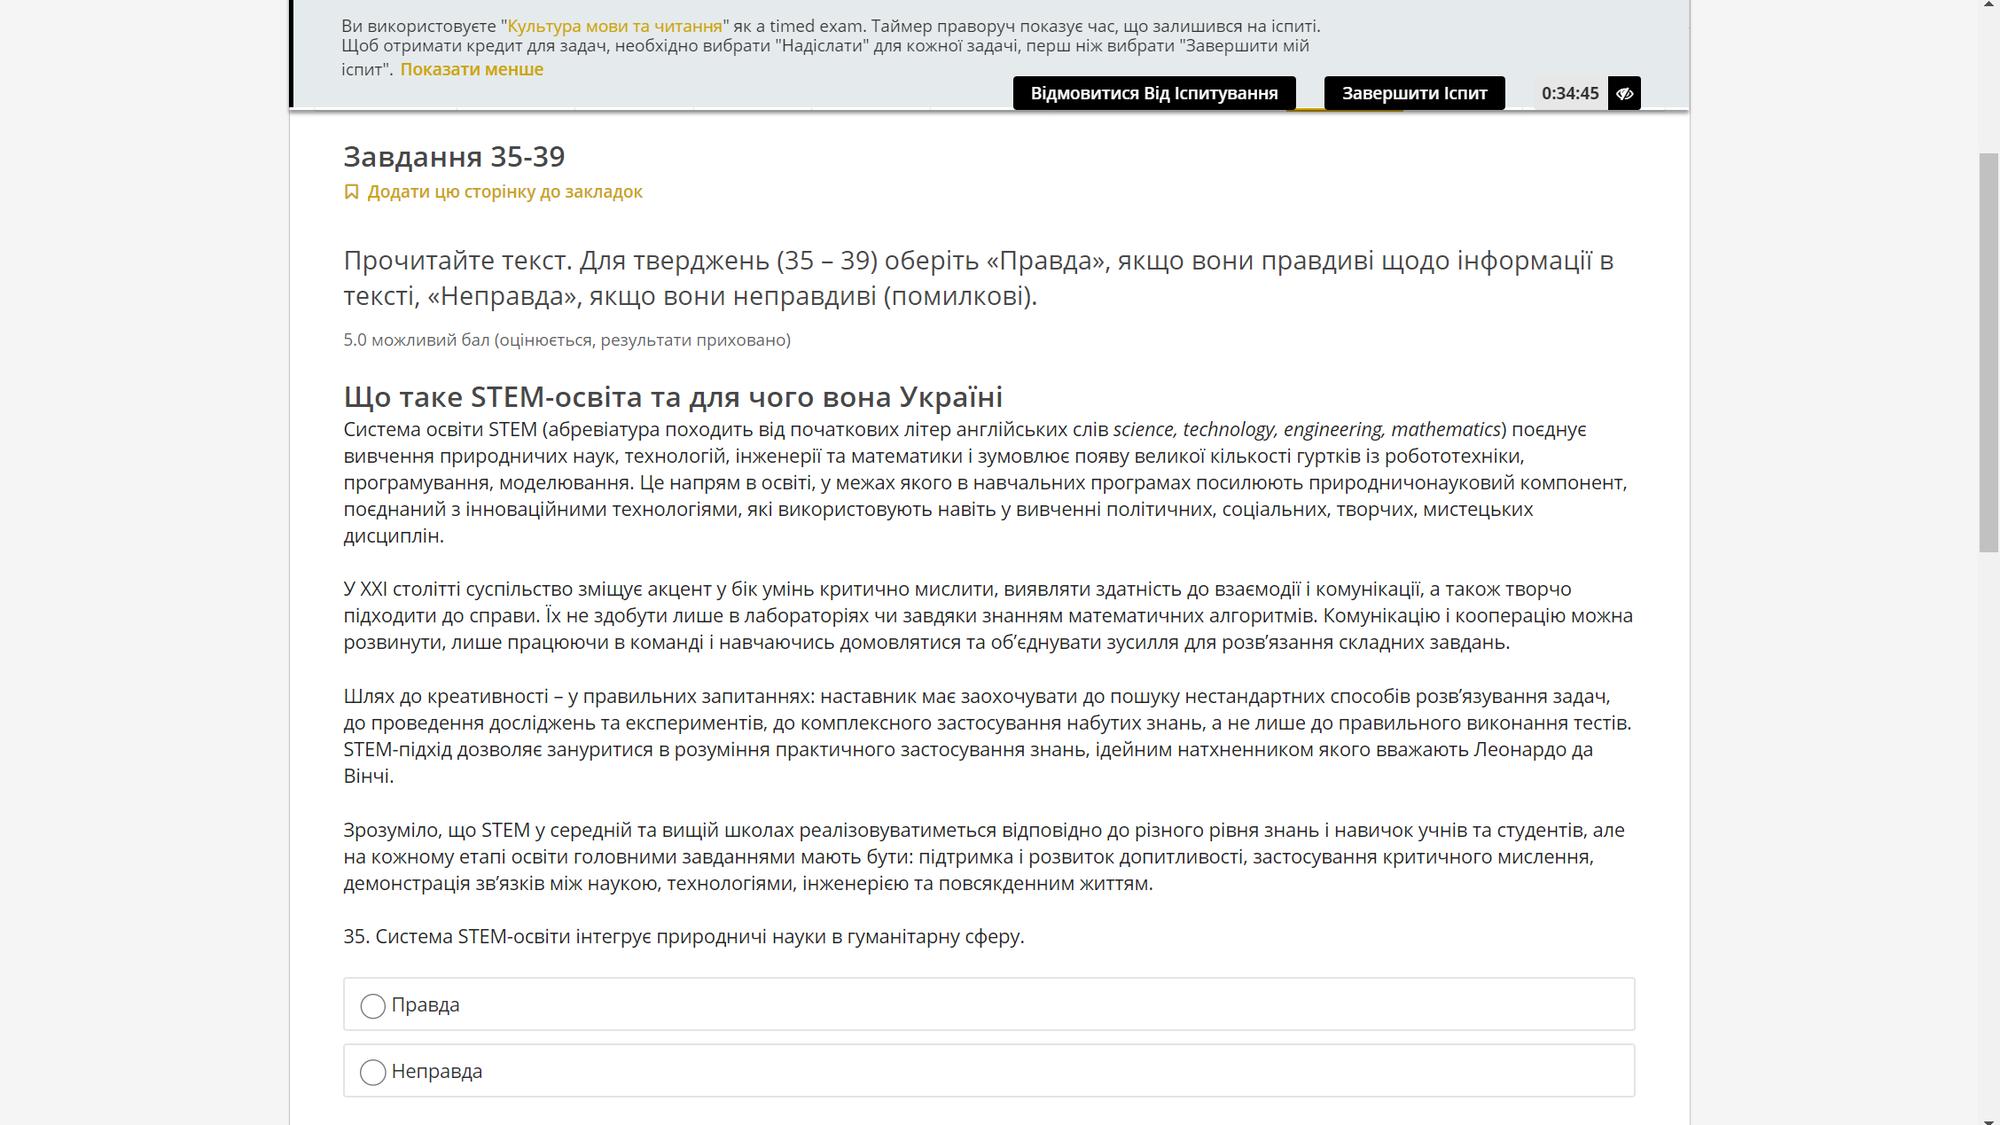 Як виглядає тест на визначення рівня володіння українською мовою